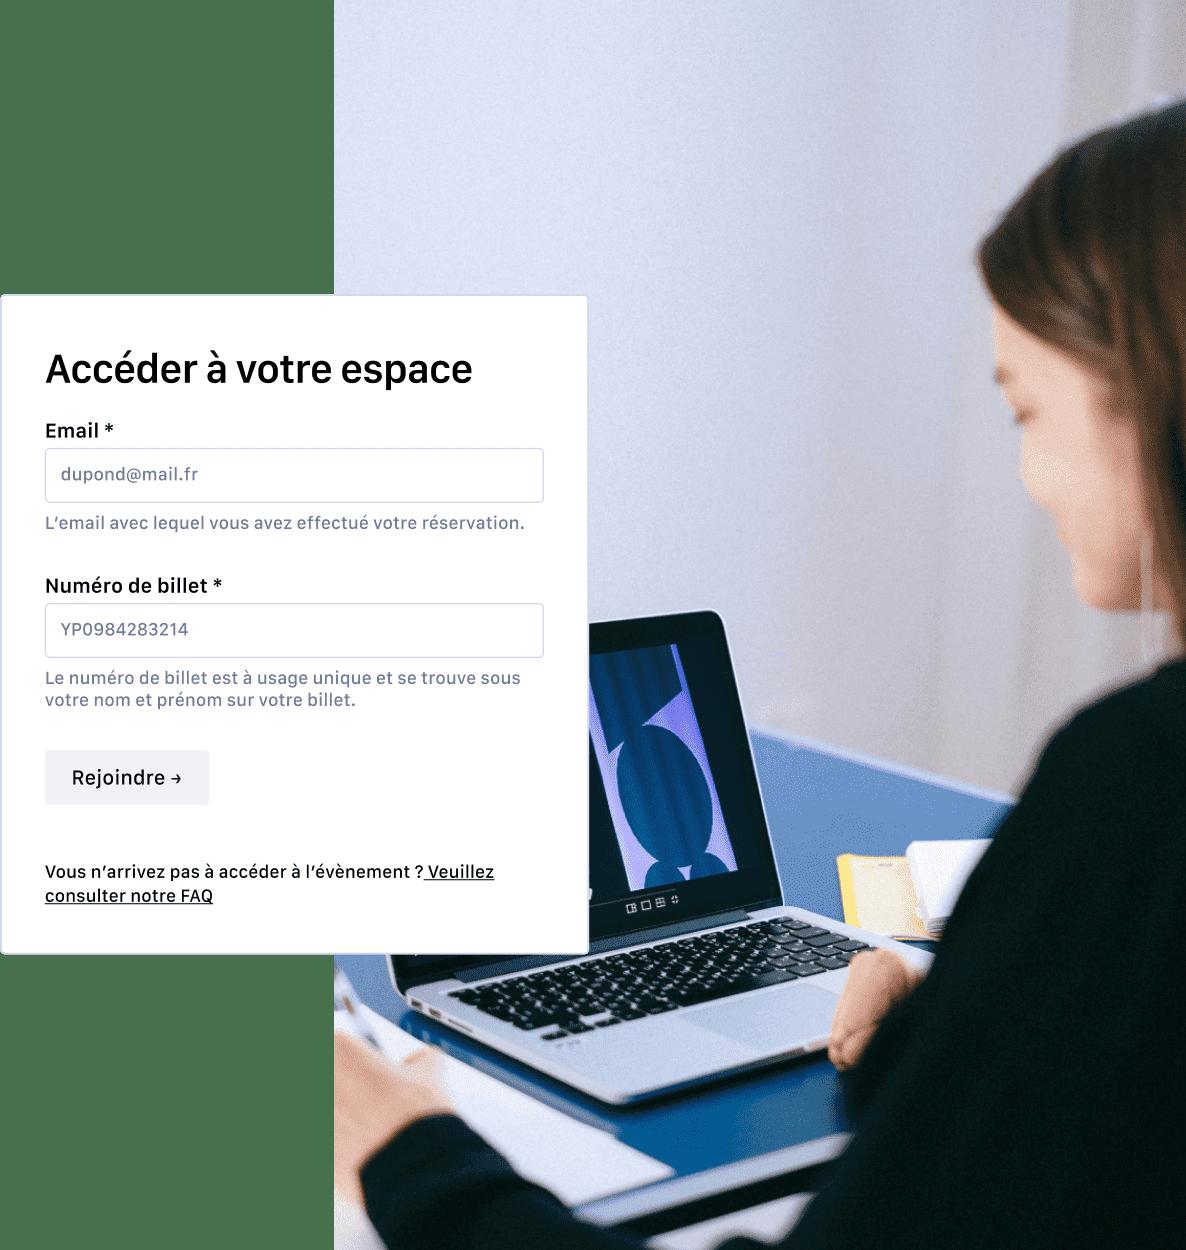 Écran d'accès sécurisé pour accéder à un espace en ligne